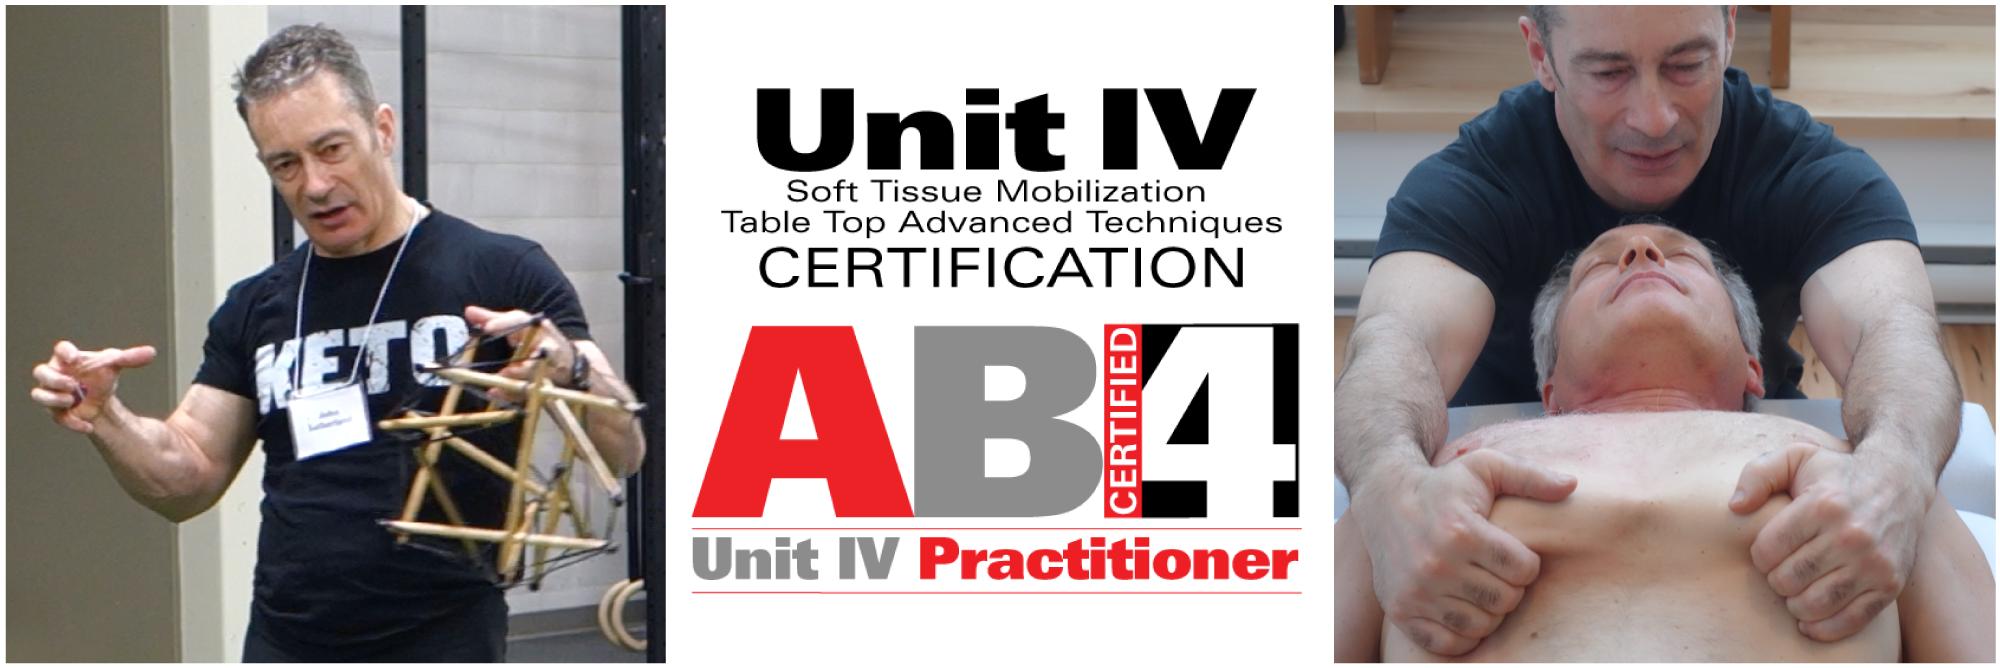 AB4 - Unit IV